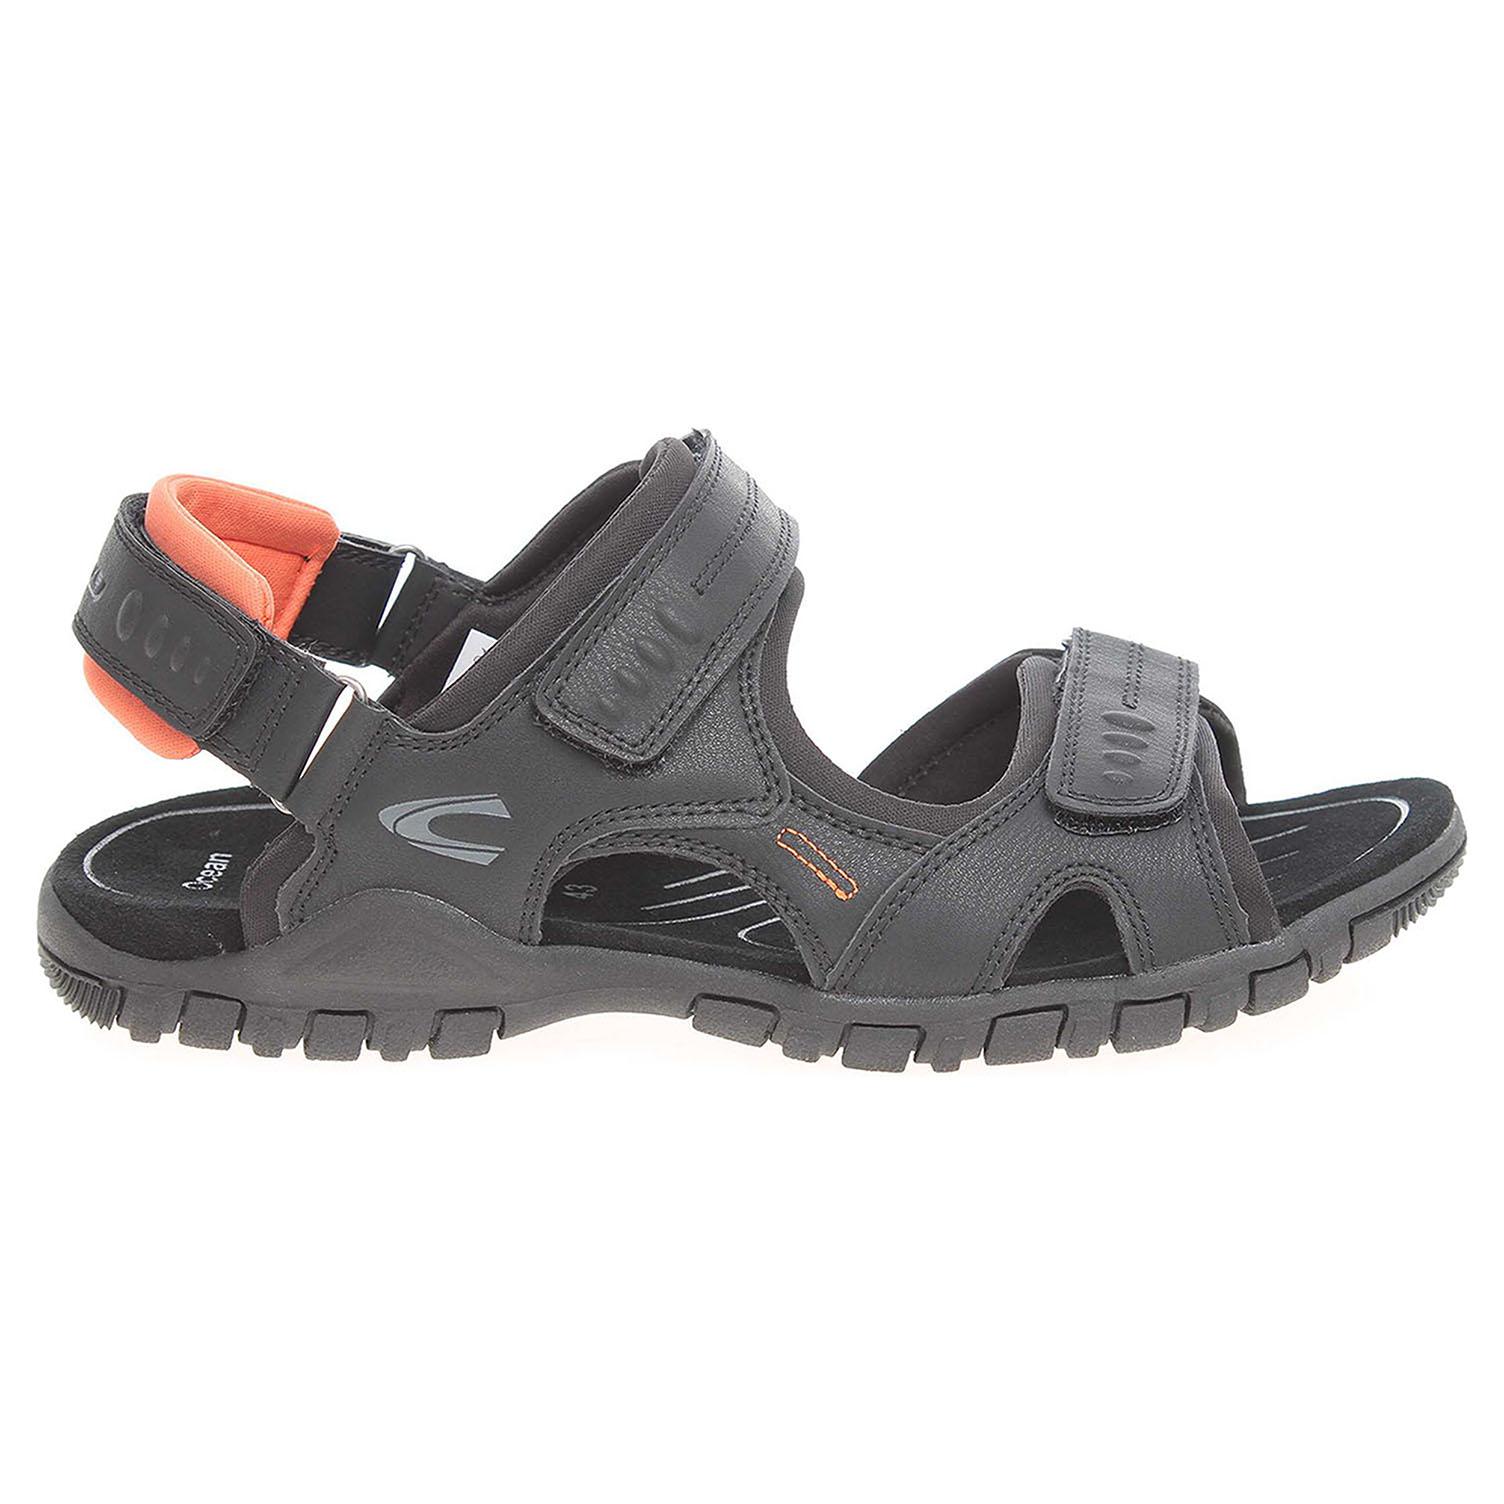 Ecco Camel Active pánské sandály 422.11.06 černé 24700240